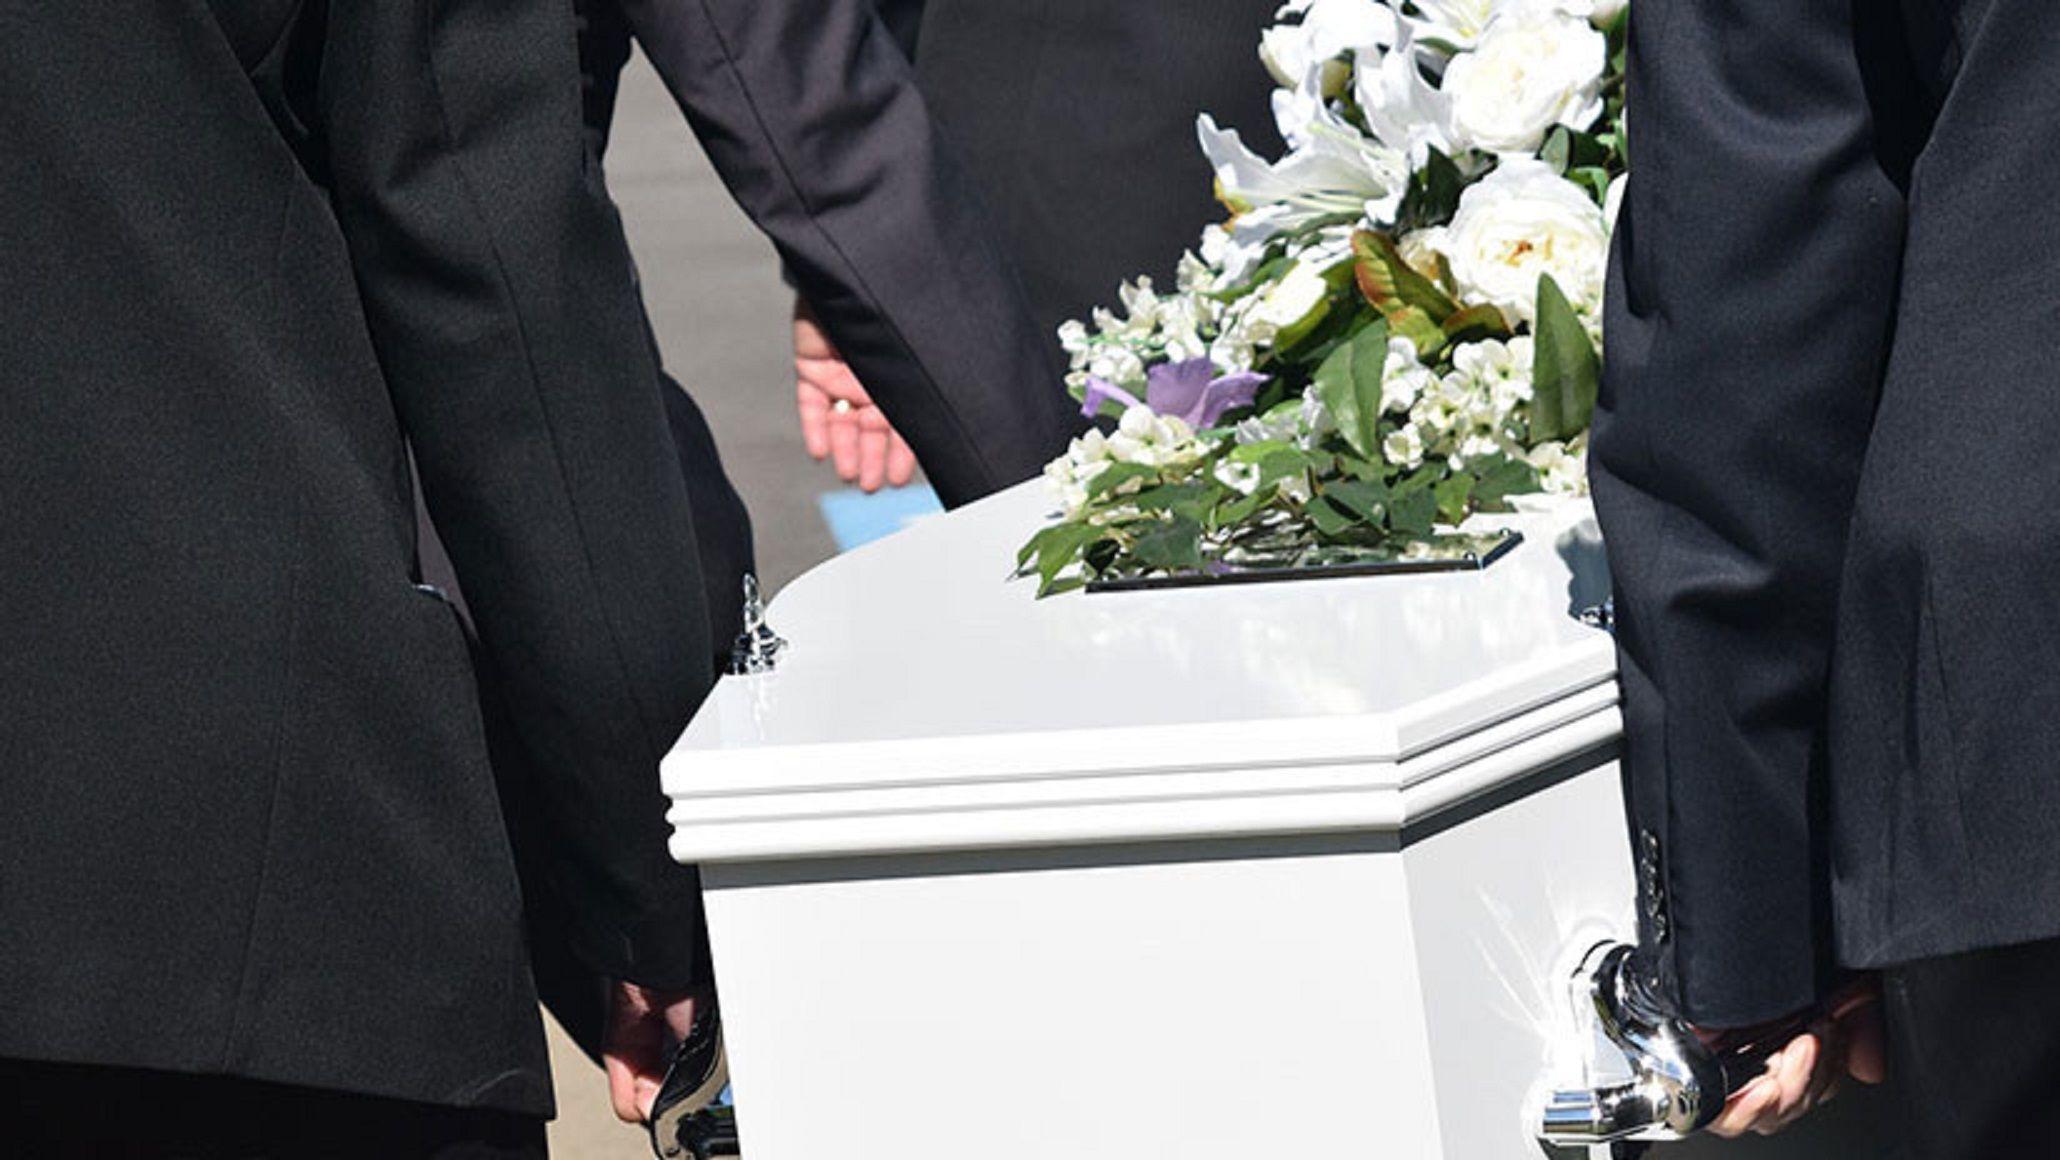 El ritual de la desgracia: durmió dentro de un ataúd para atraer la suerte y murió